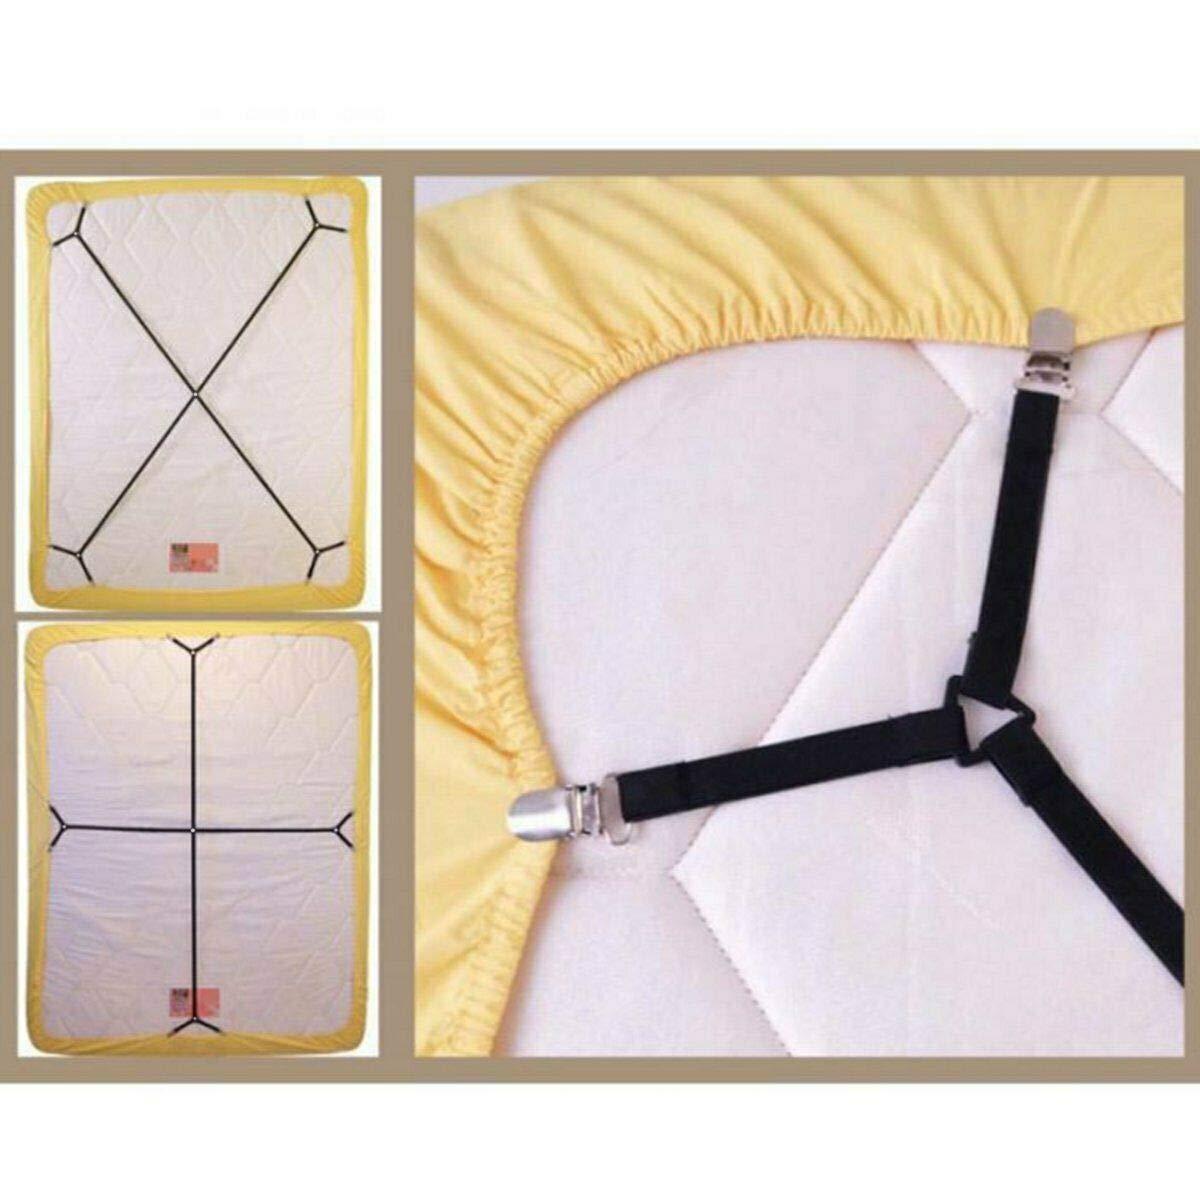 1 Lot de Sangles /élastiques r/églables pour Matelas Yudanny Attaches de Drap de lit